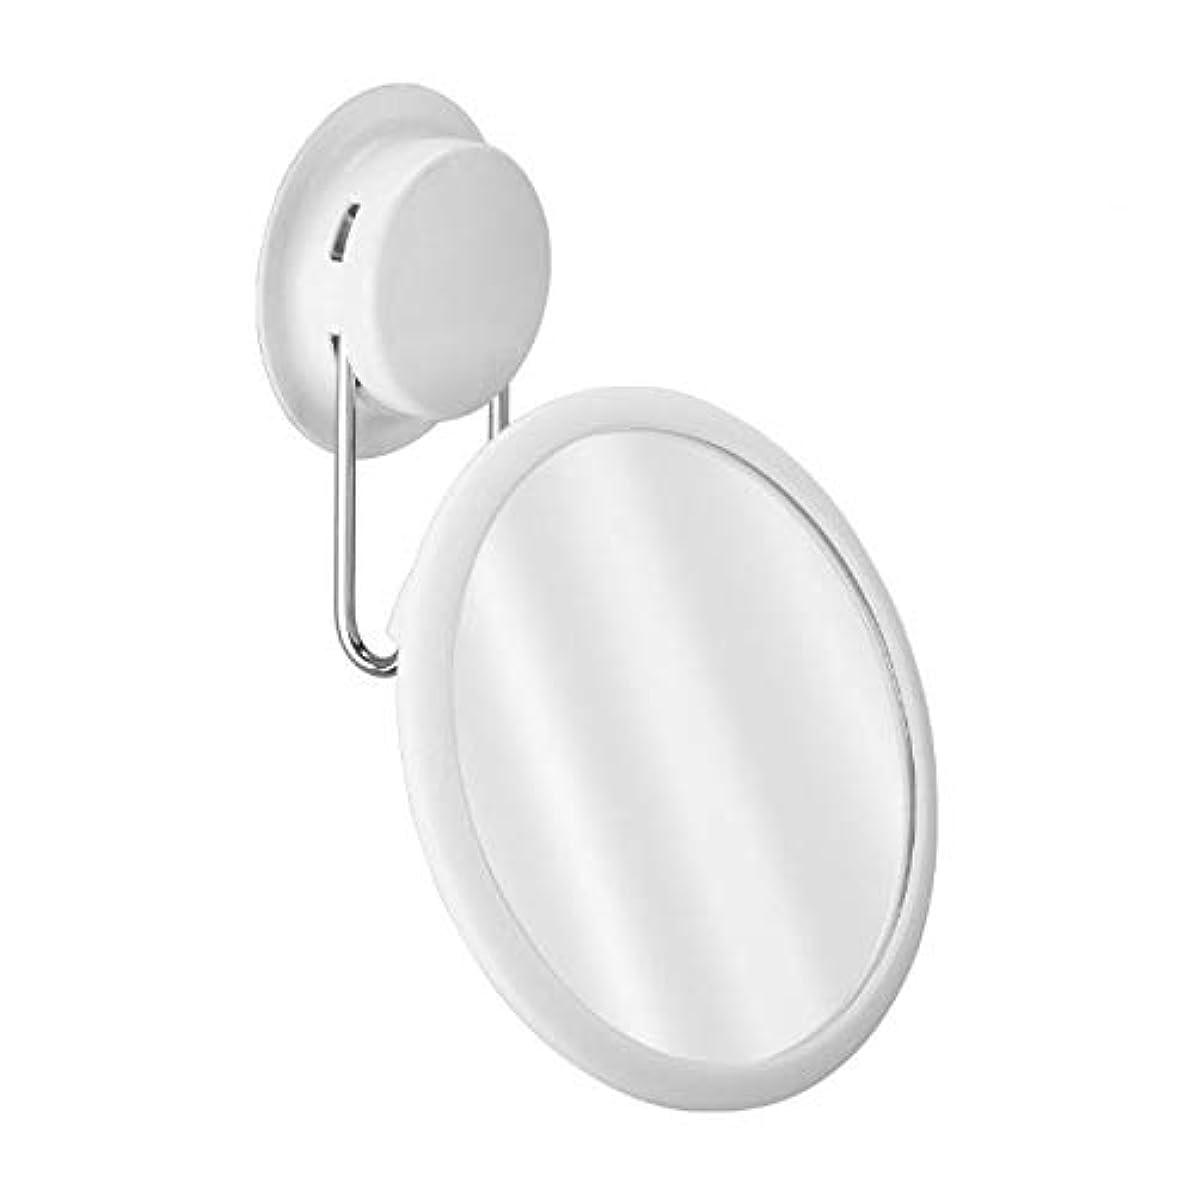 不条理仮説調和化粧鏡、強力な吸盤ラック無料パンチ浴室洗面化粧台ミラー化粧ギフト